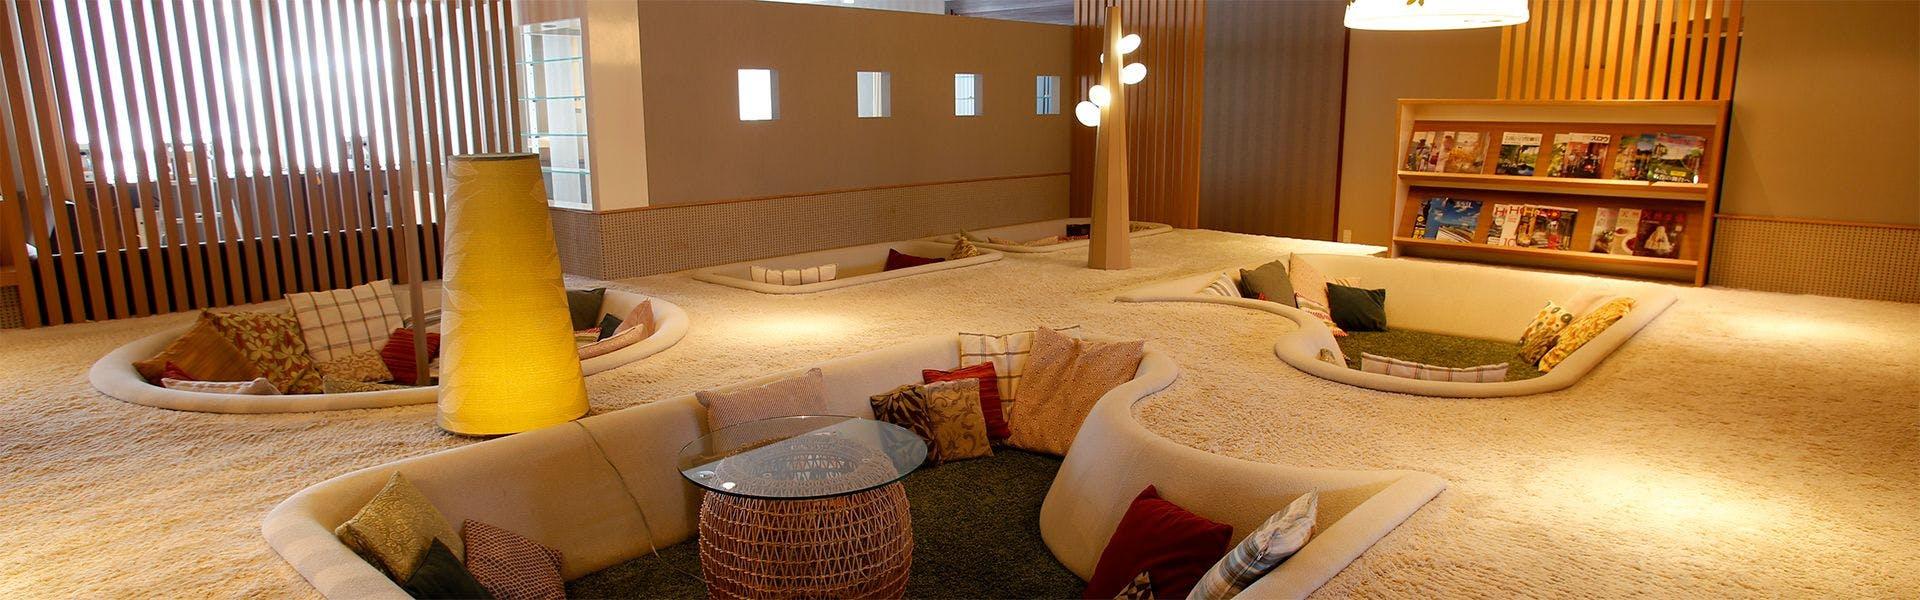 記念日におすすめのホテル・【女性のための宿 翠蝶館】の写真1